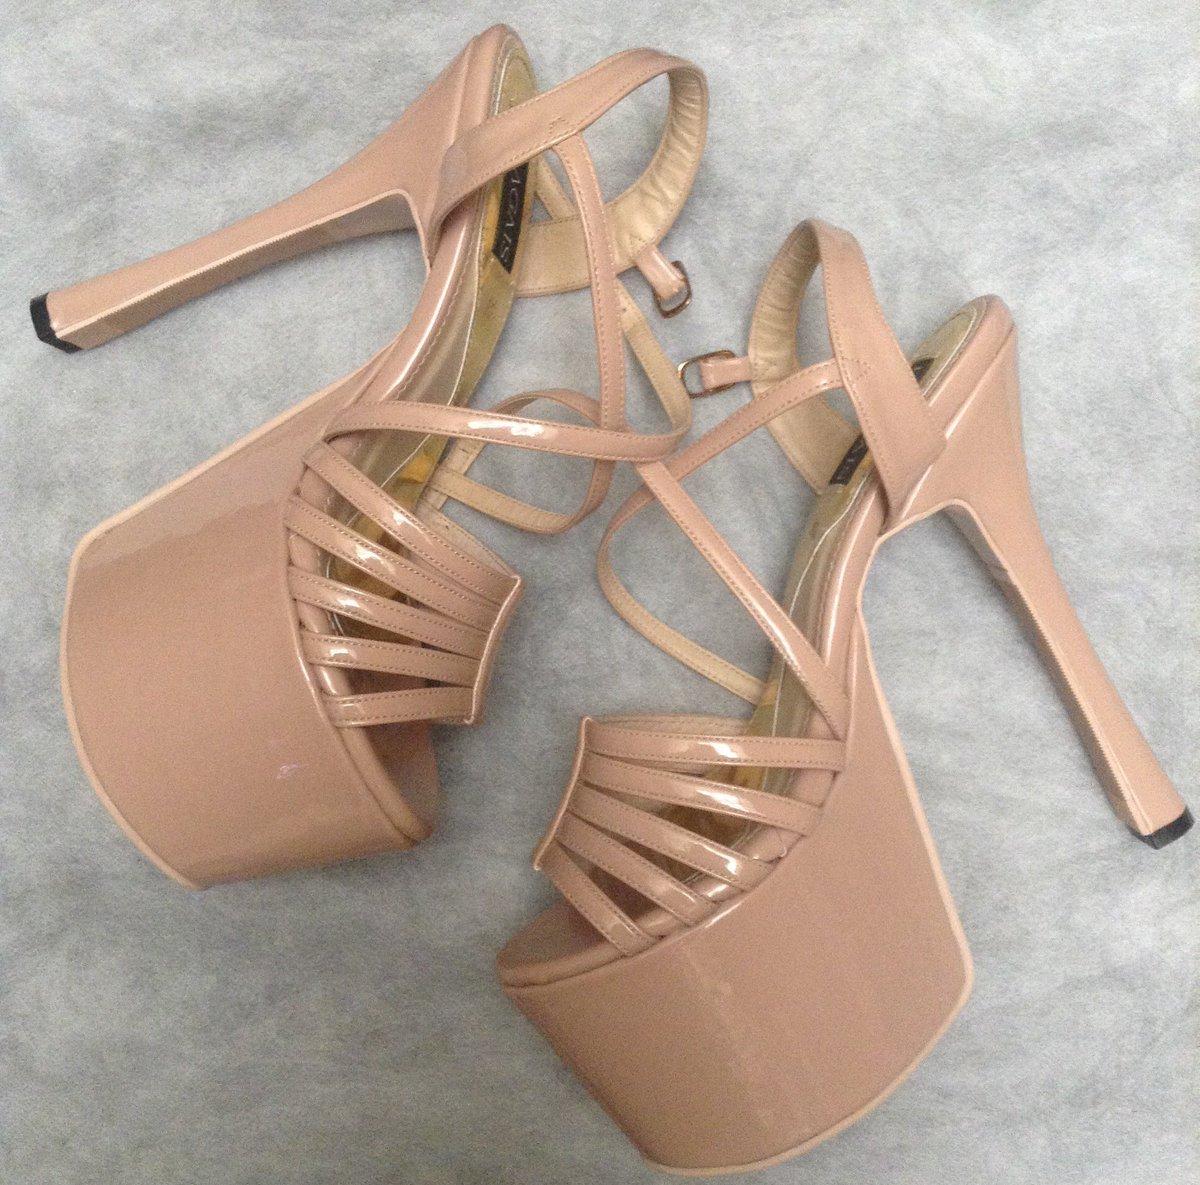 Resultado de imagem para Bragais Shoes